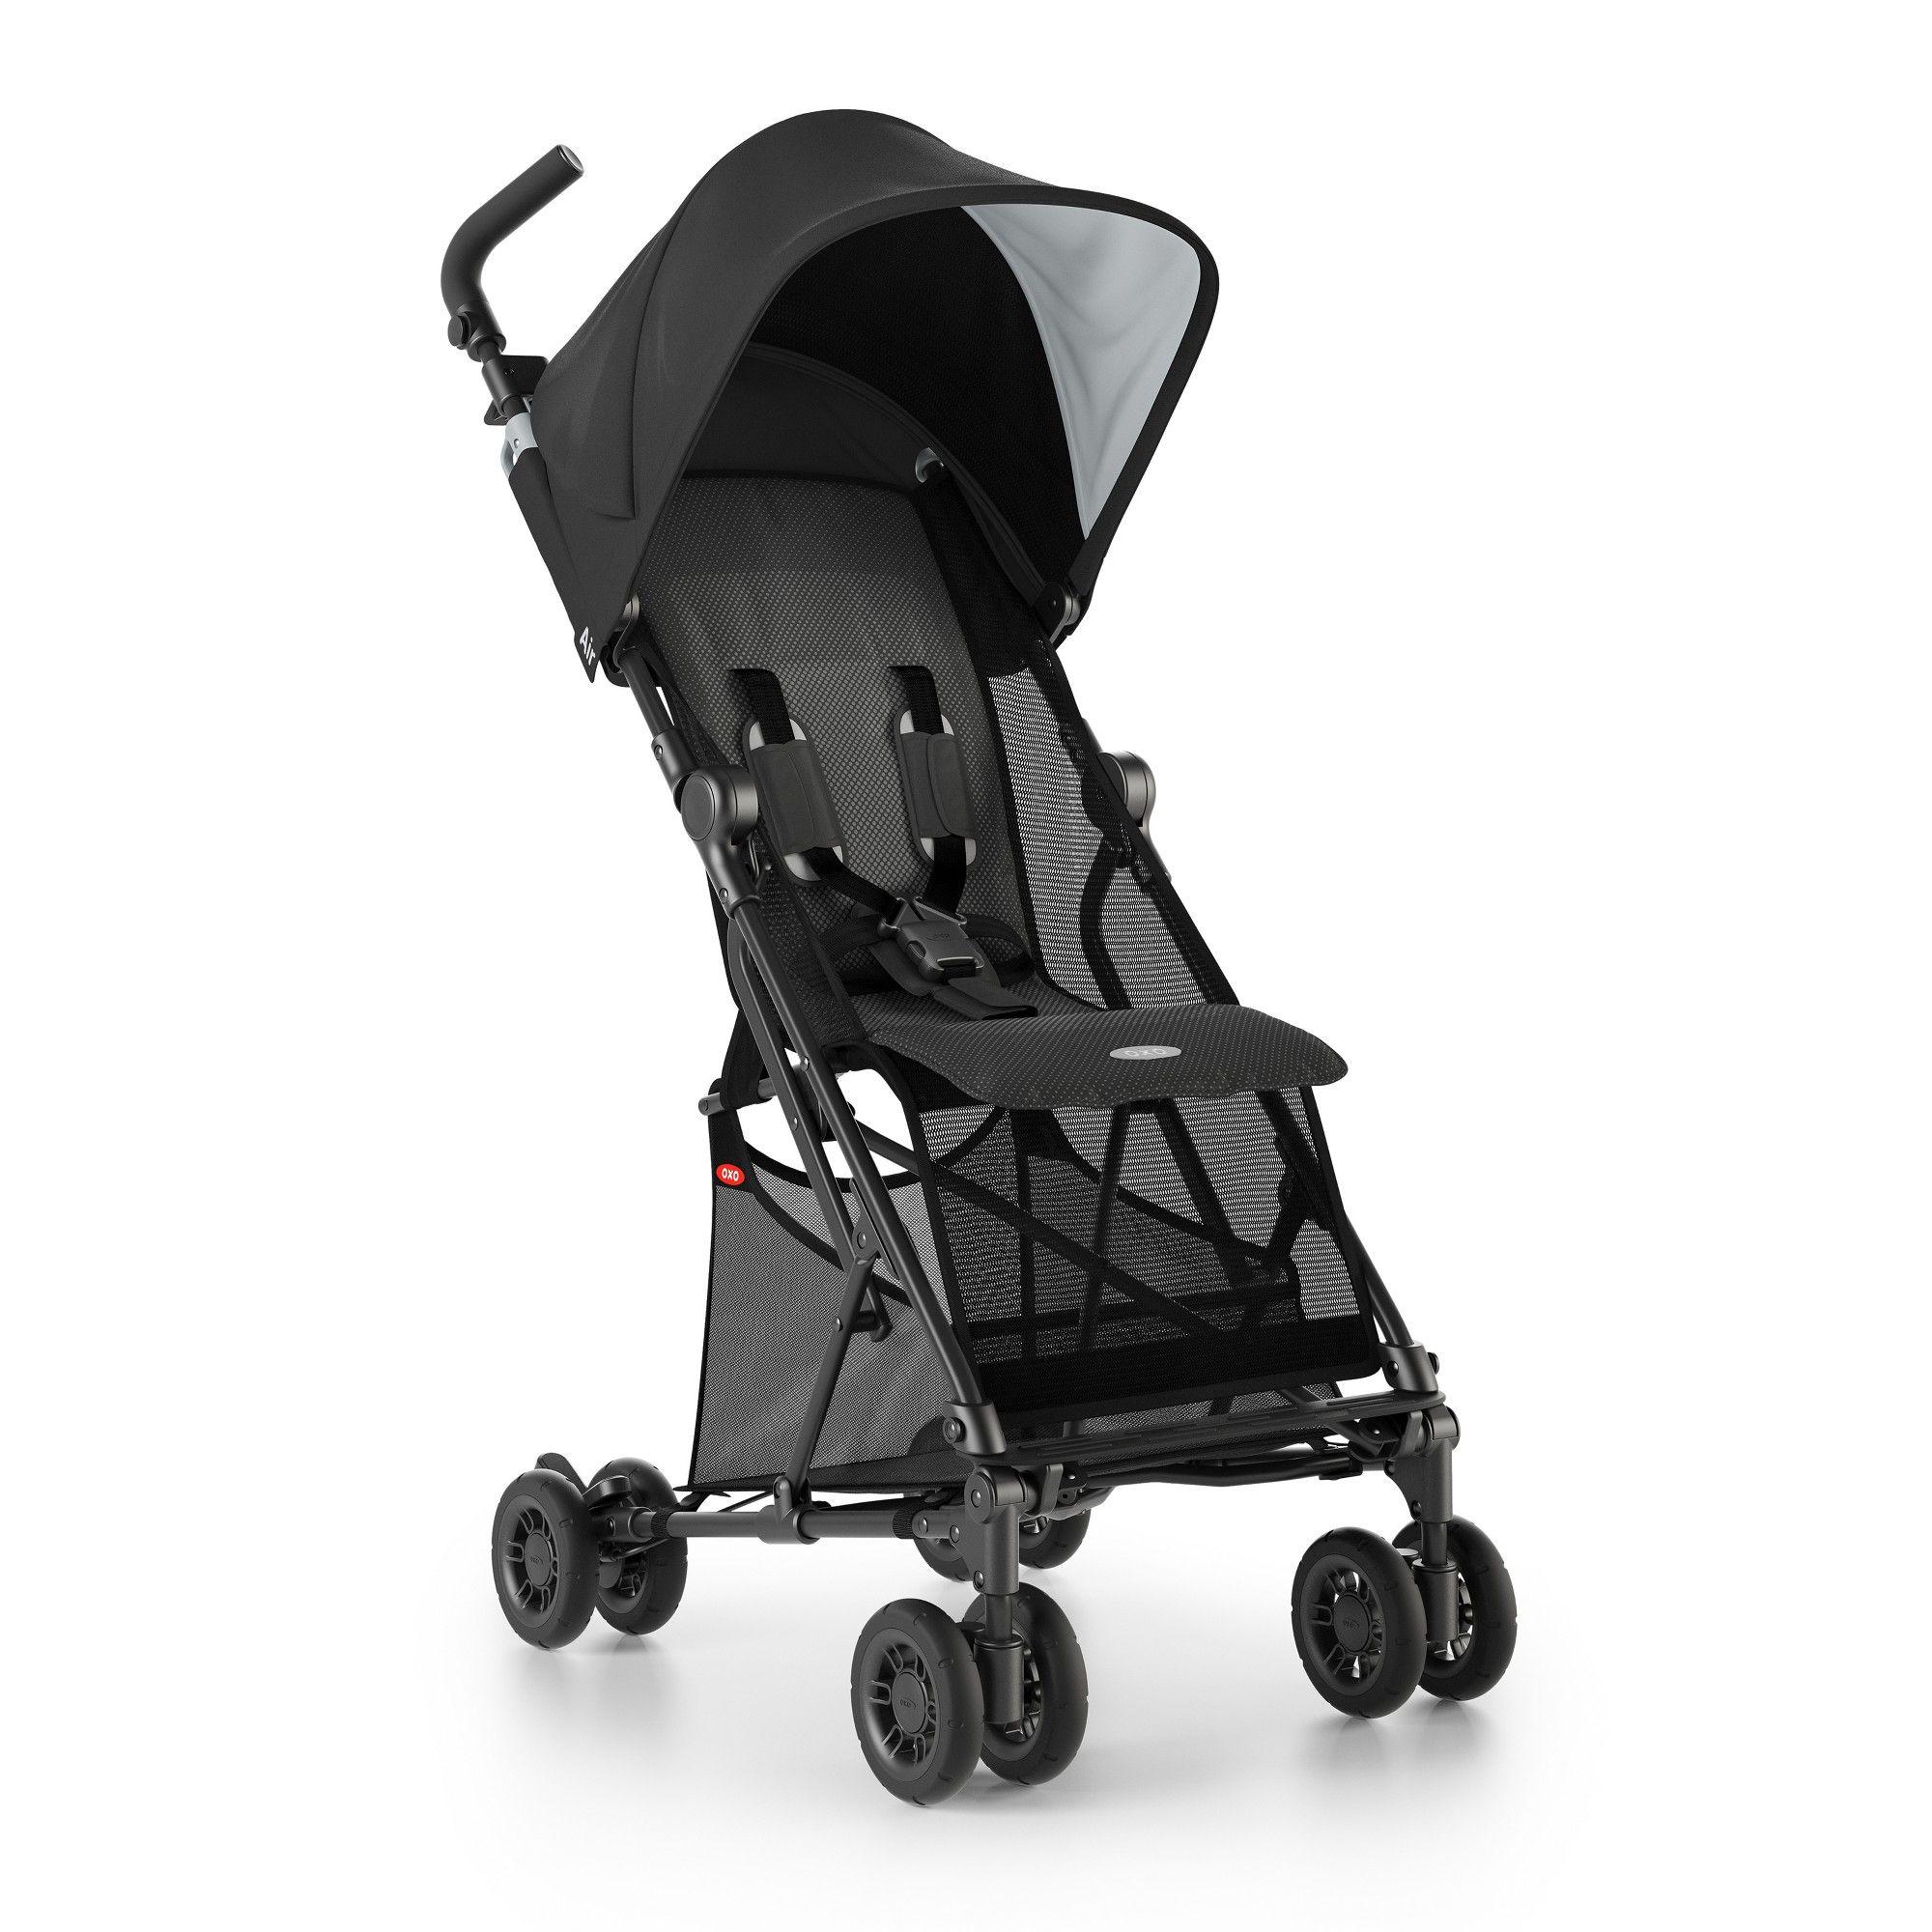 Oxo Air Stroller Onyx (Black) Oxo tot, Stroller, Baby